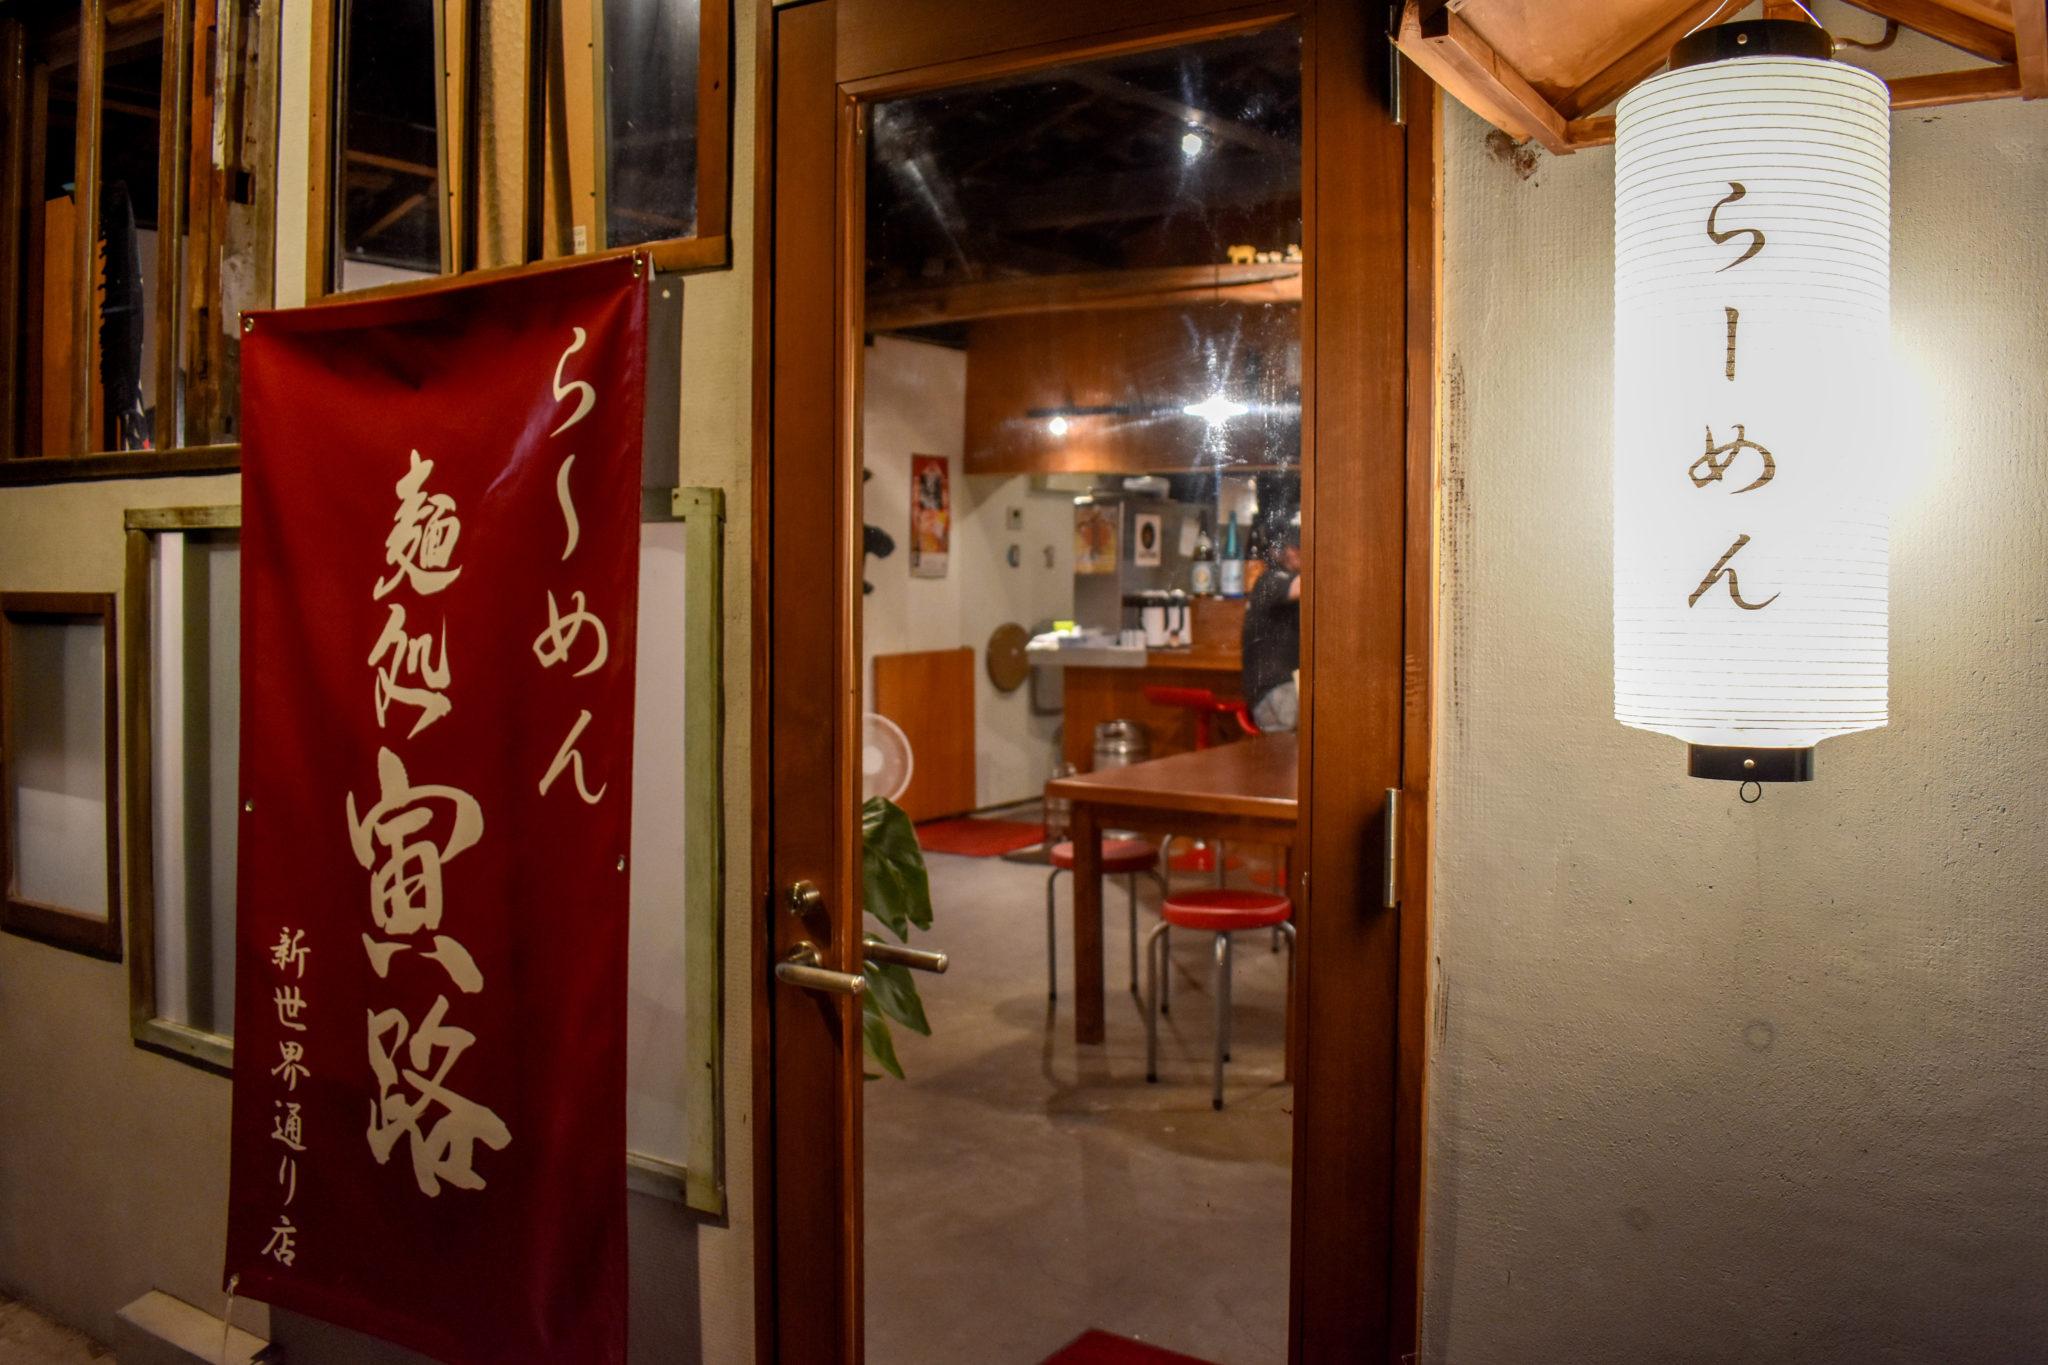 麺処 寅路 新世界通り店 外観